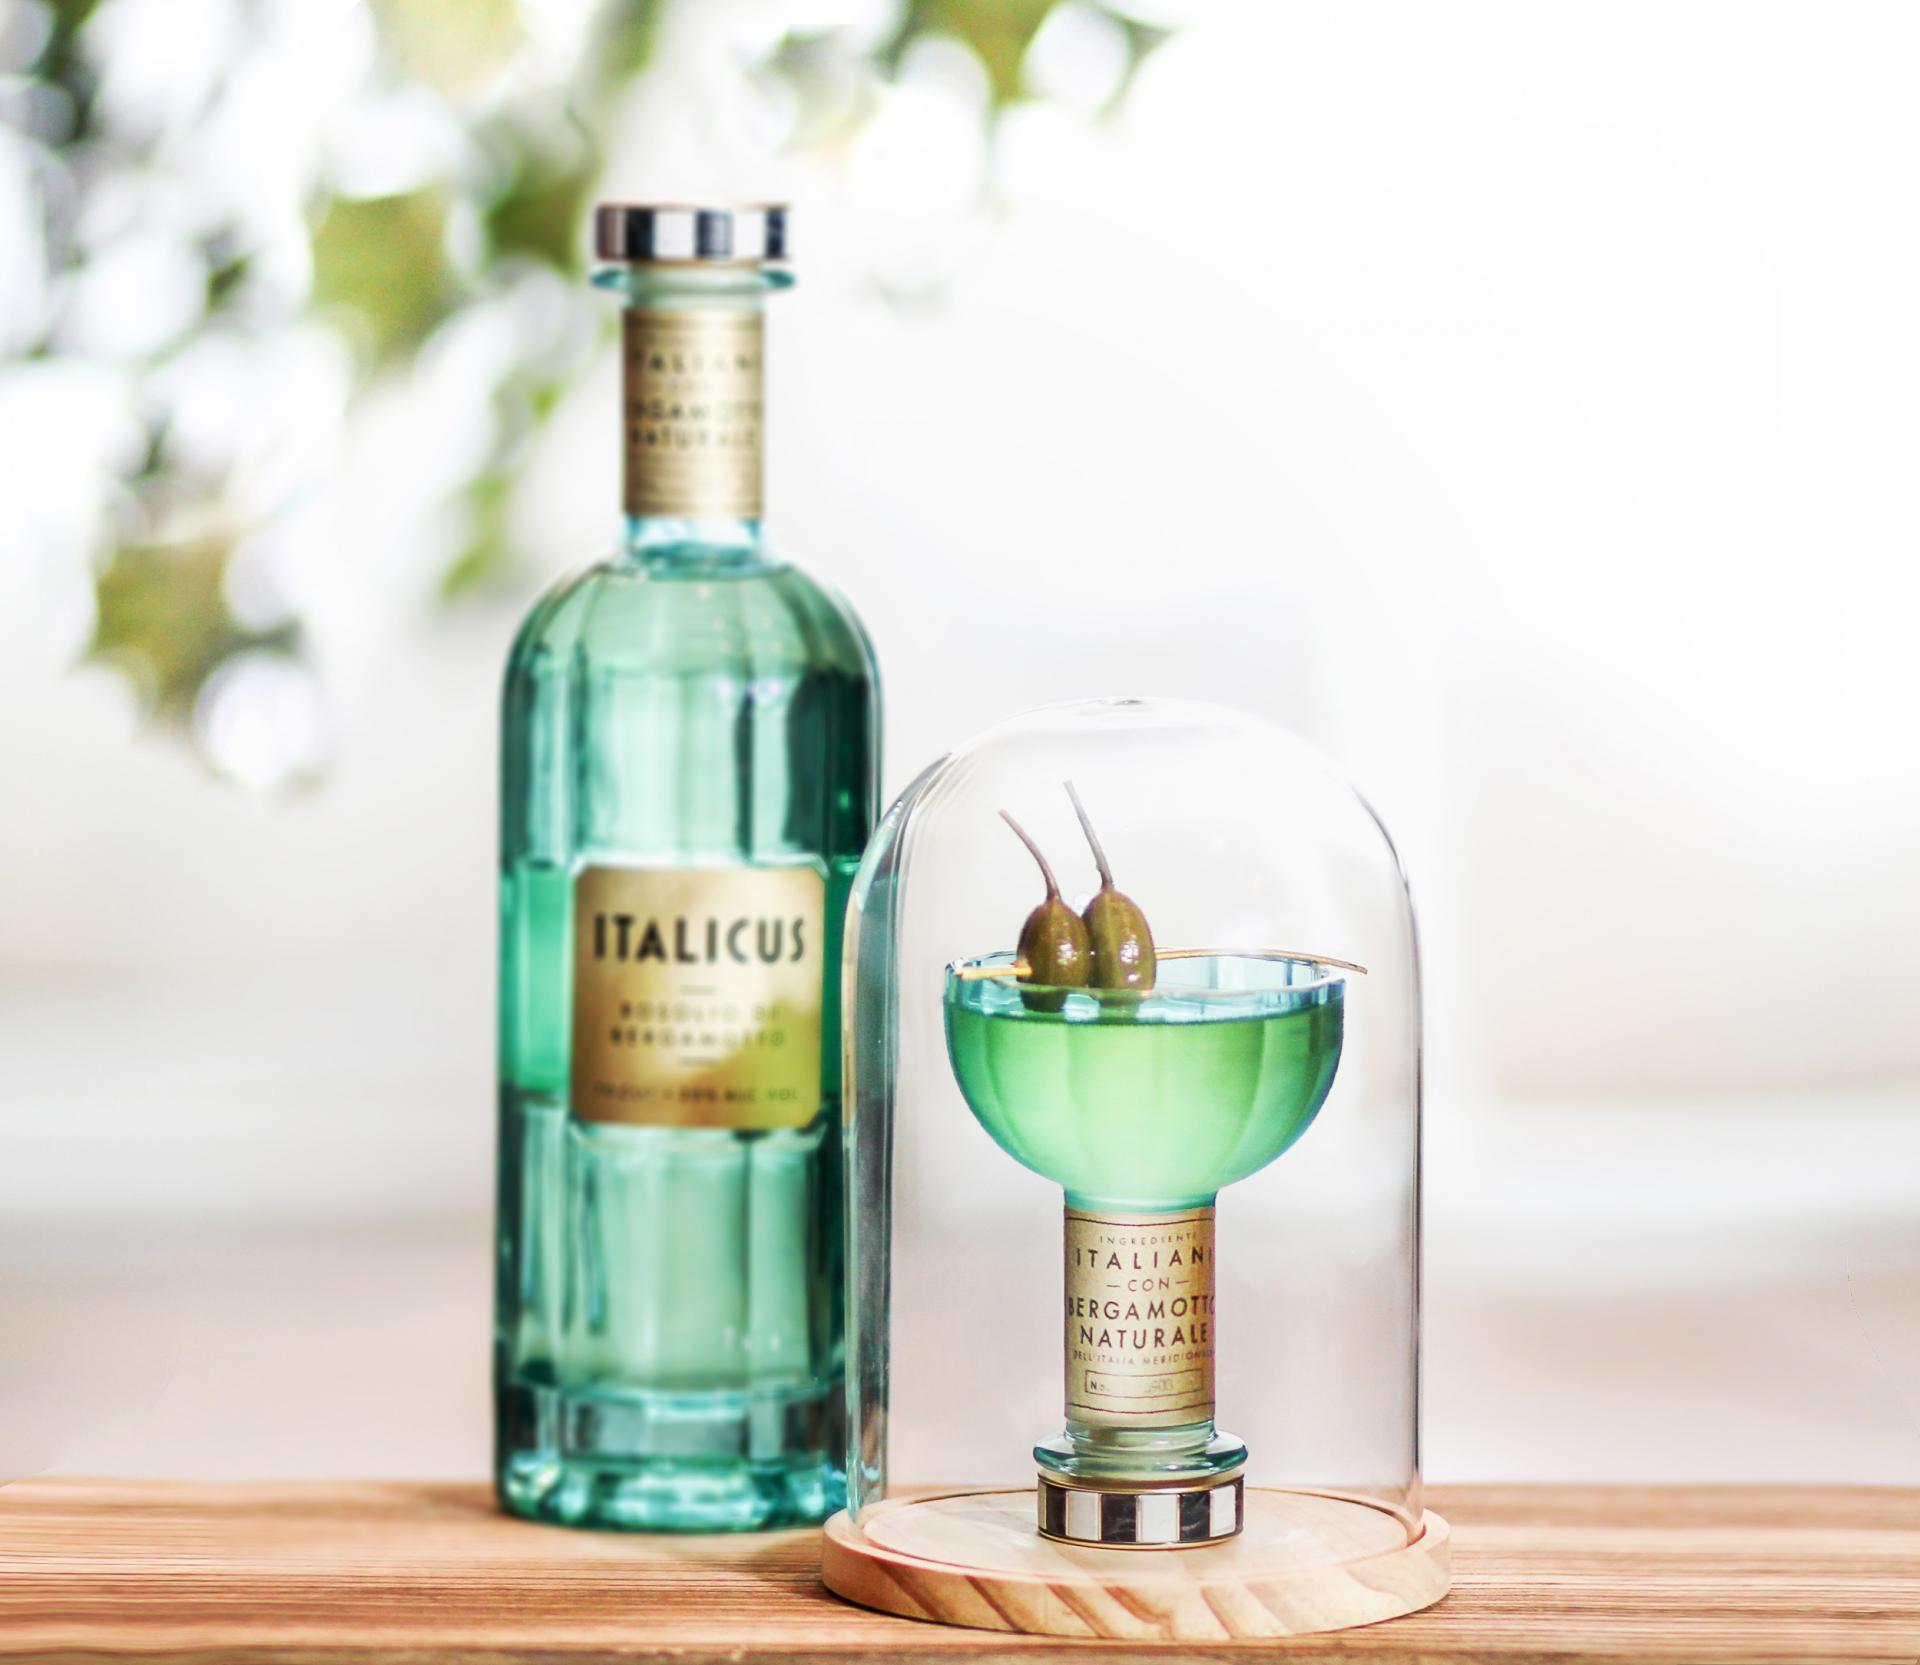 Photographe cocktail mixologie jeremy lauilhe dax